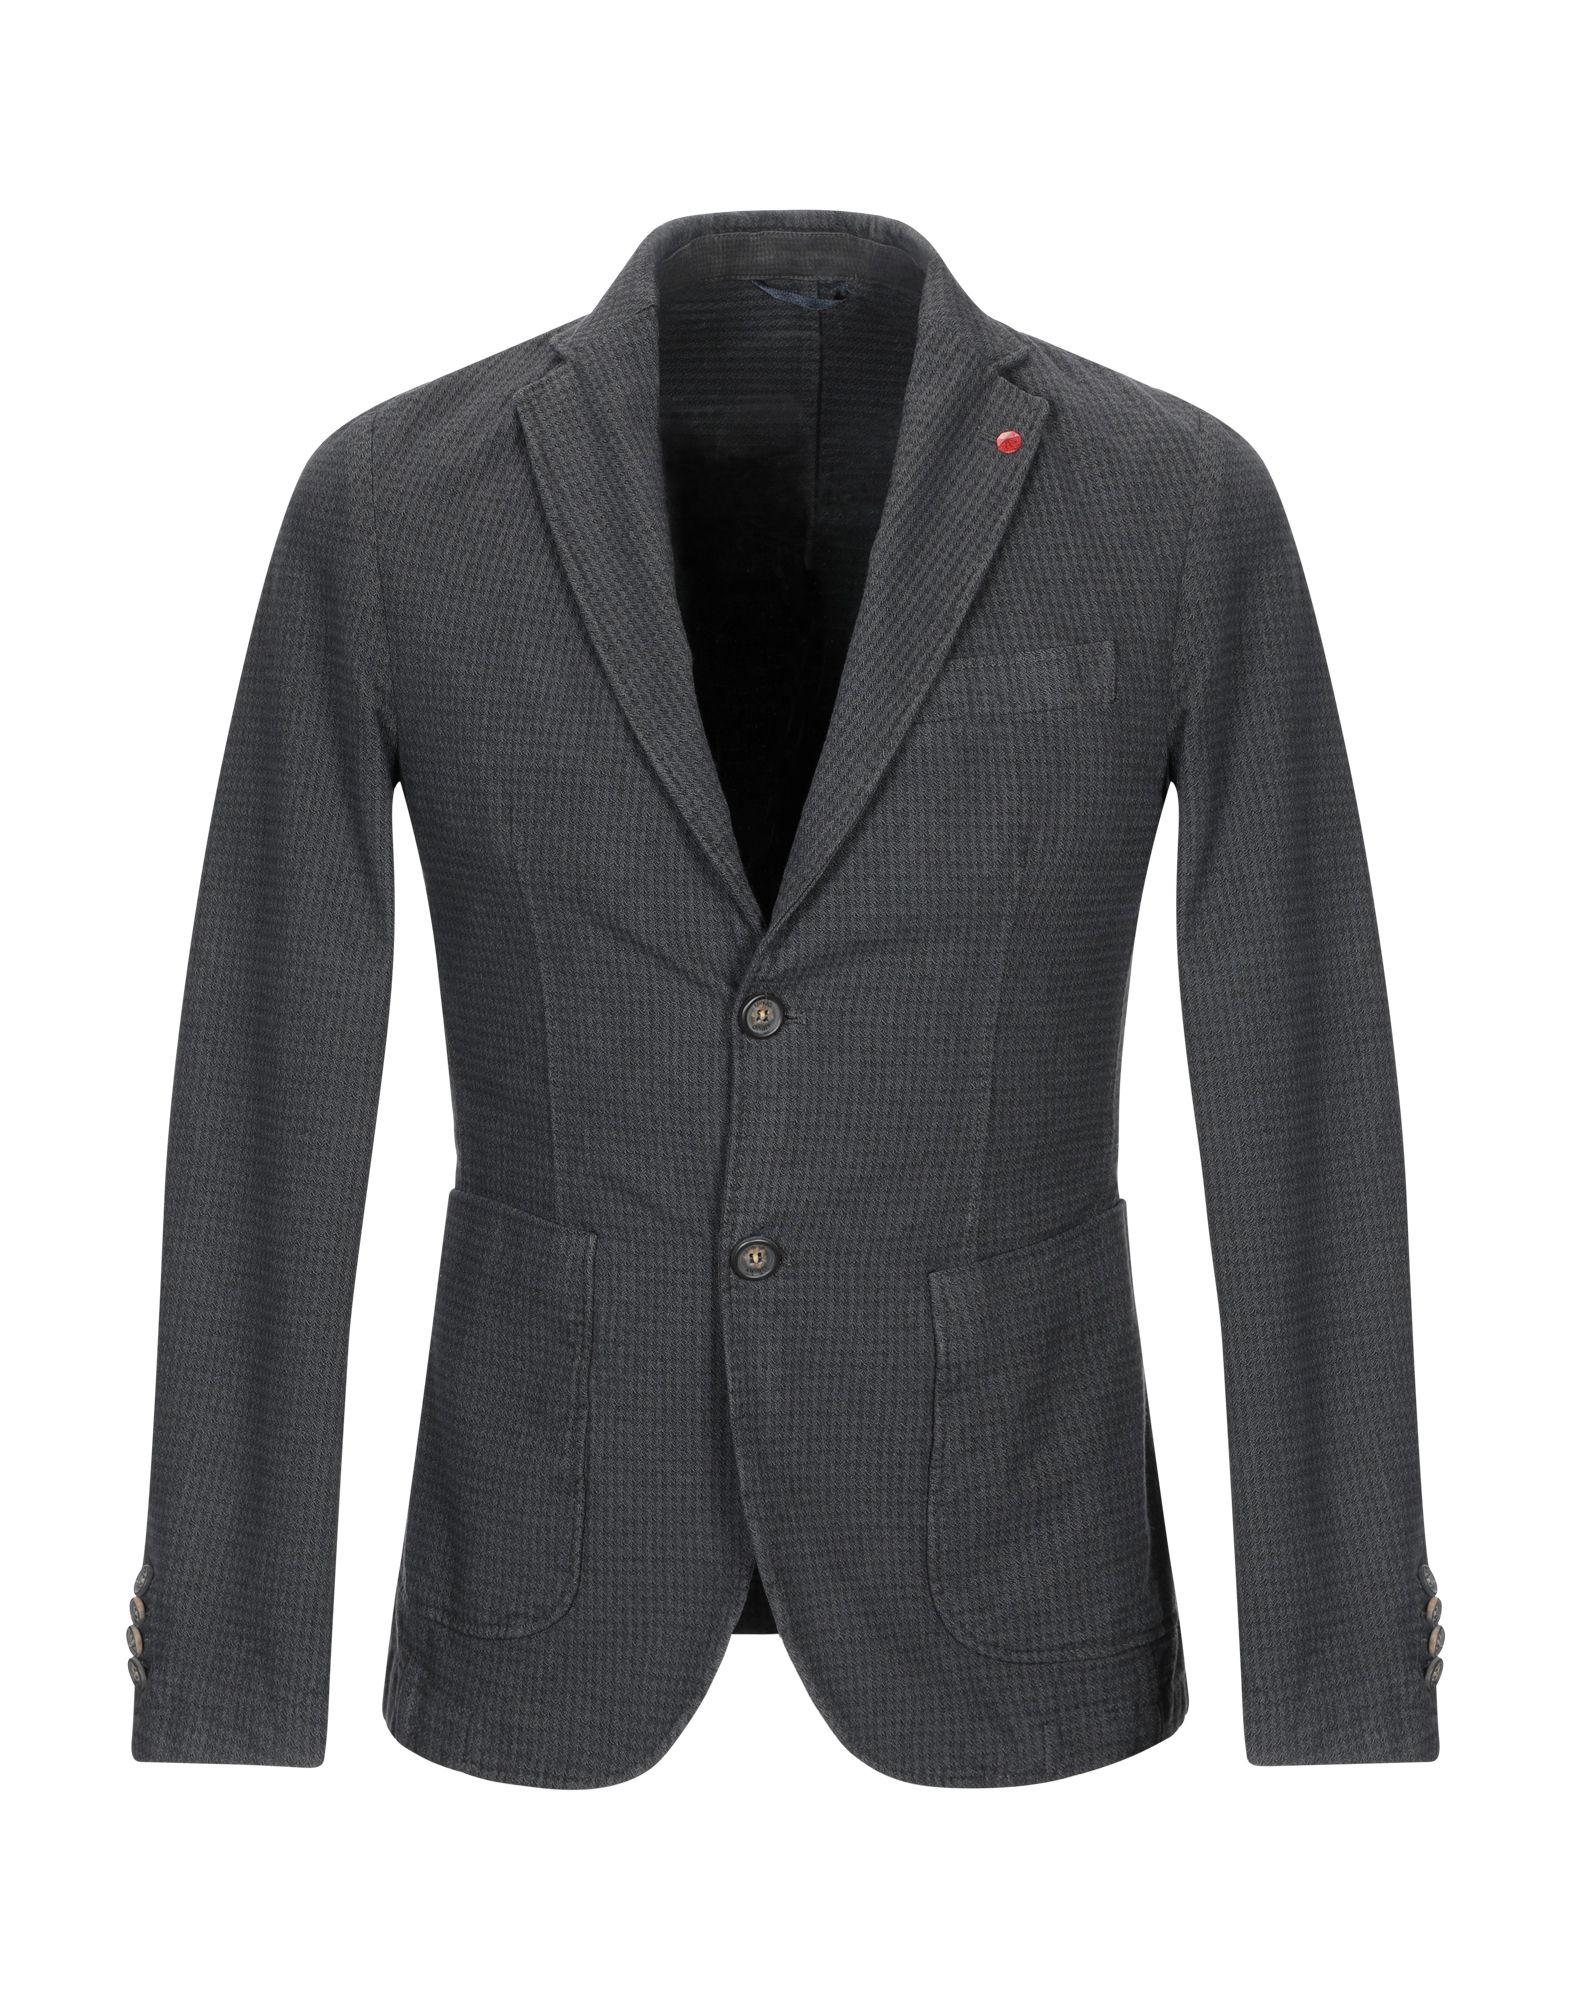 Какие фасоны женских жакетов бывают? виды моделей с описаниями. чем жакет отличается от пиджака?